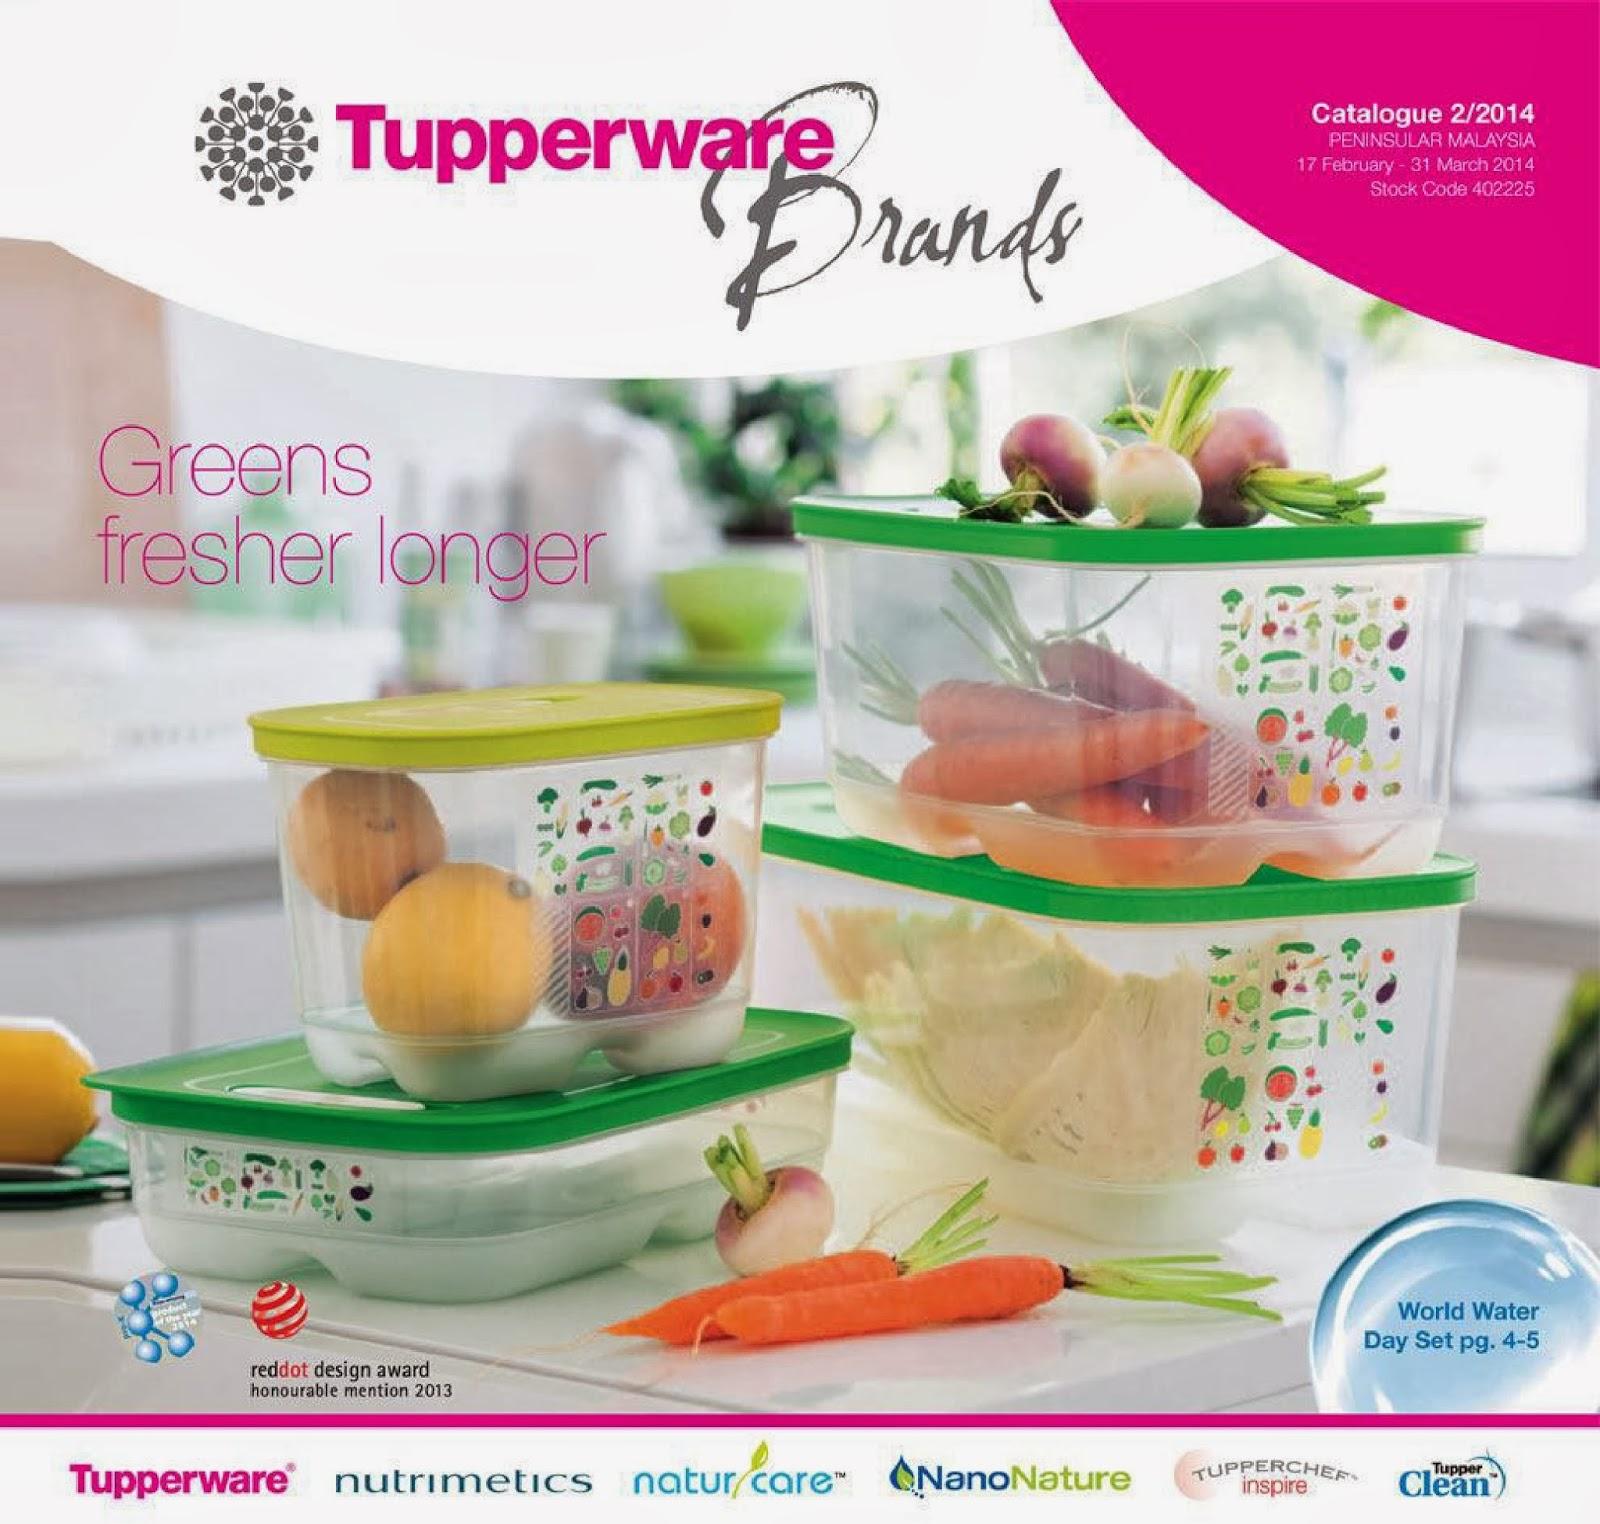 http://jual-tupperwaremurah.blogspot.com/